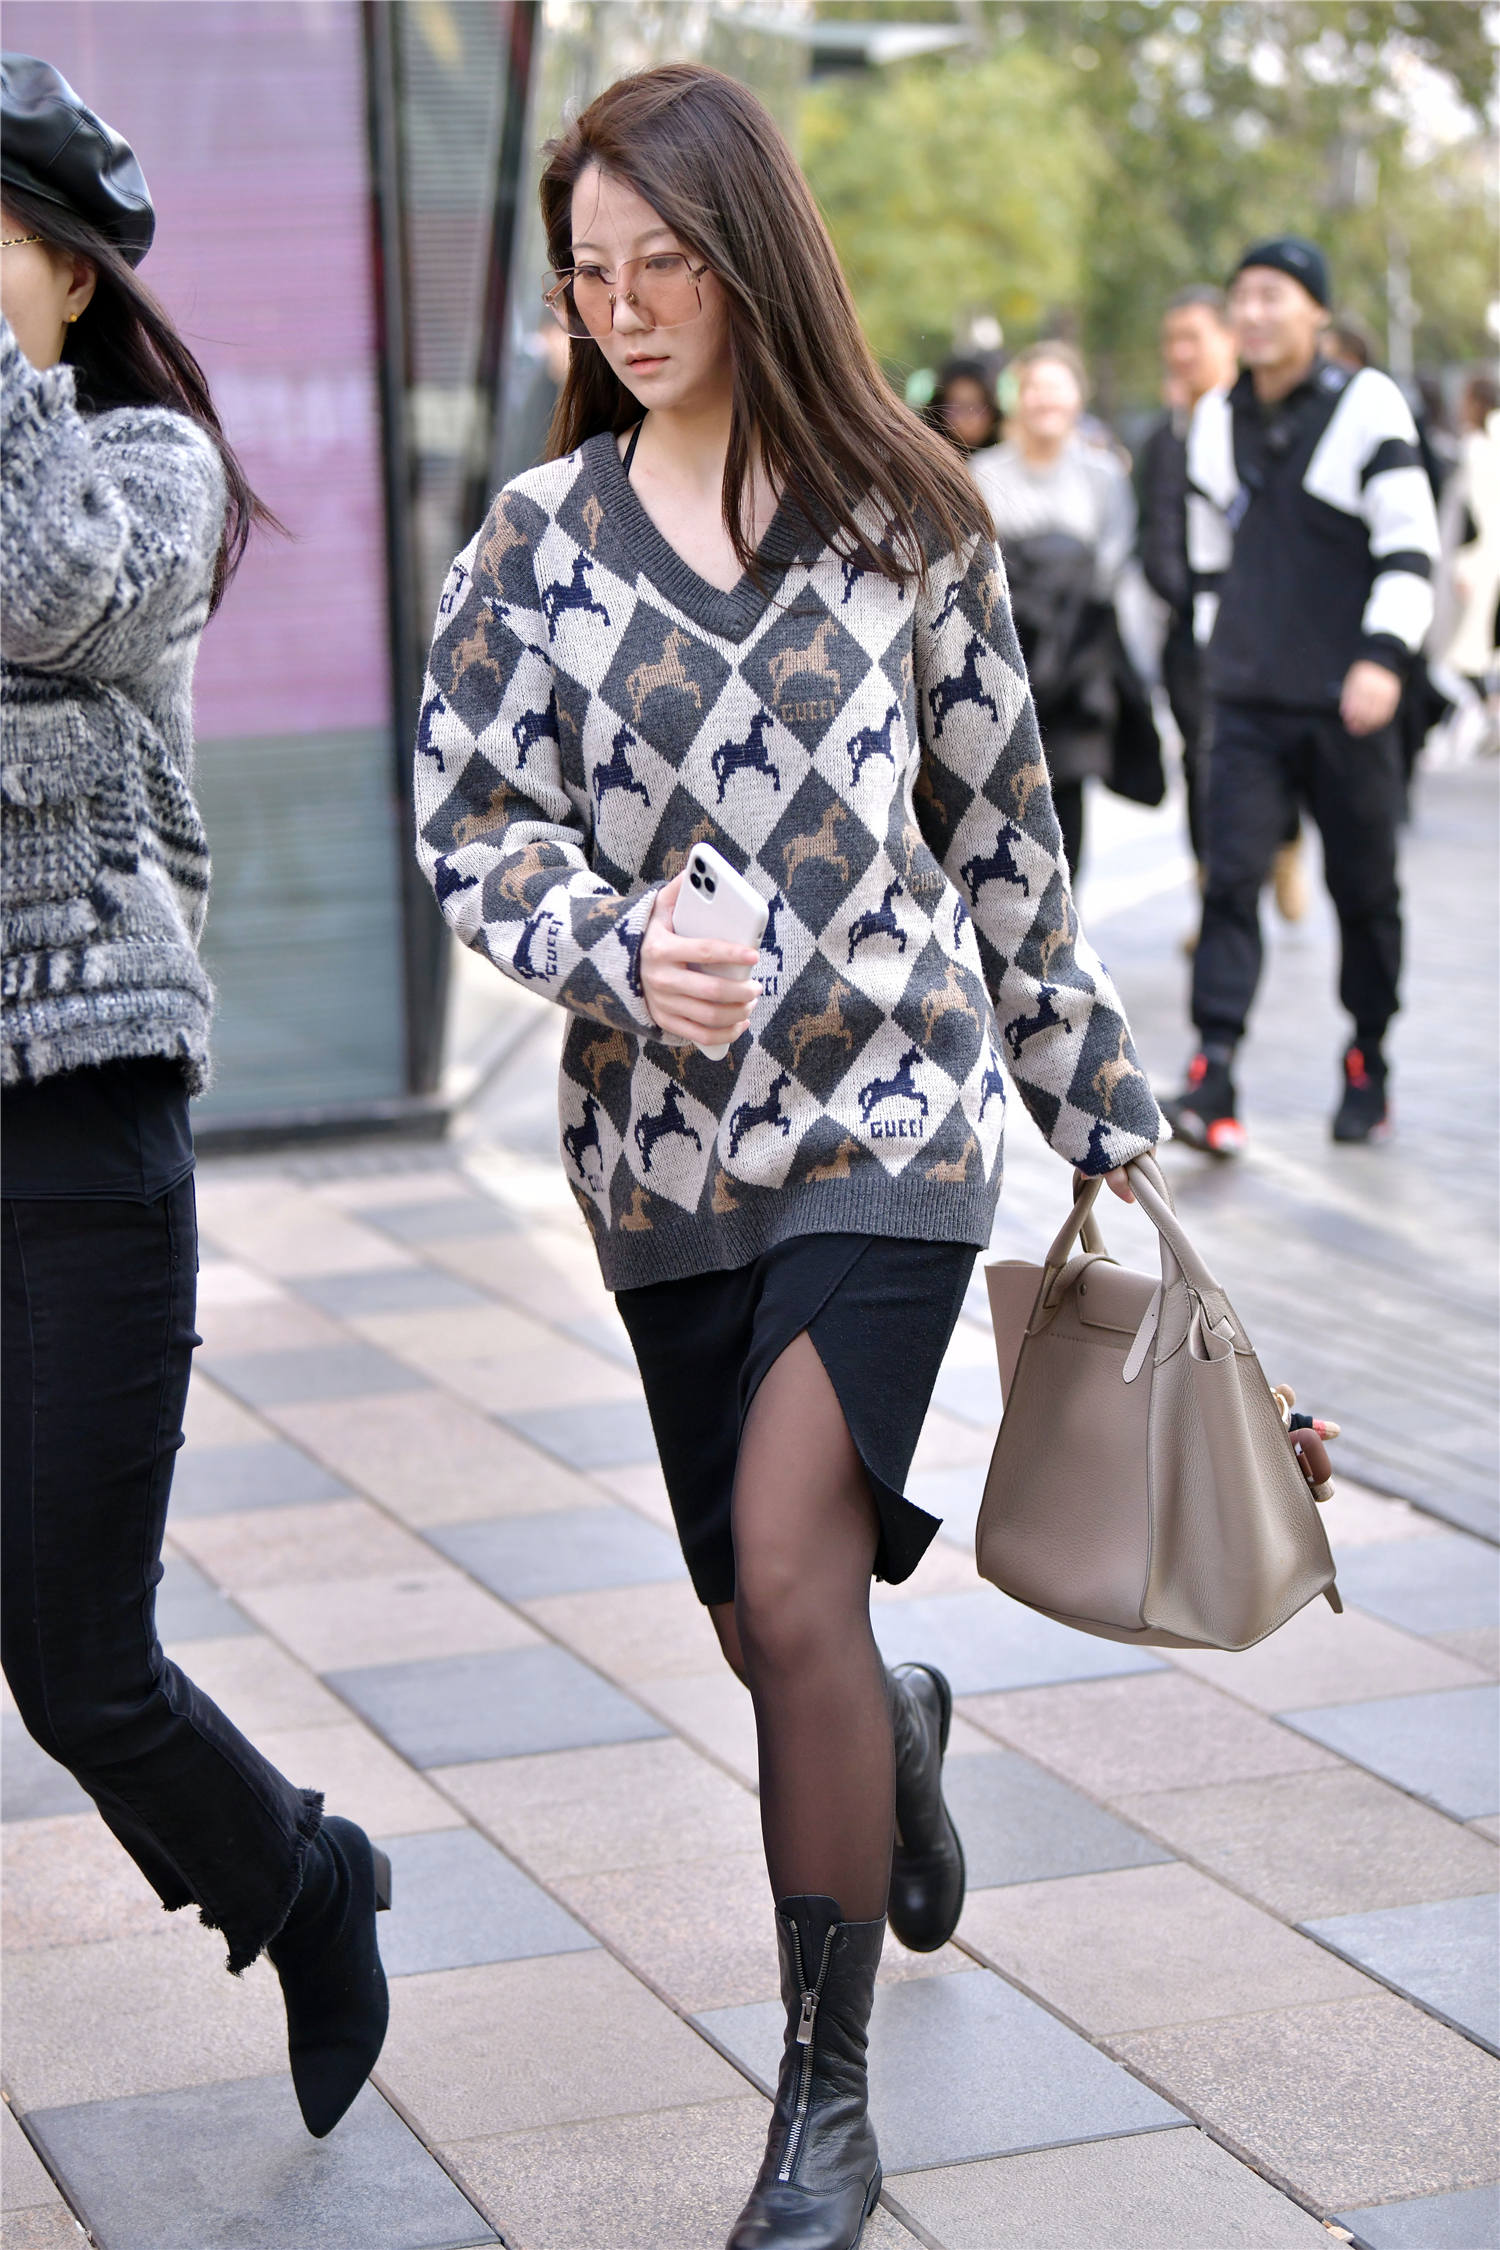 冬季搭配黑丝袜,喜欢显身材搭配的姑娘,她们知道怎么穿出时尚感